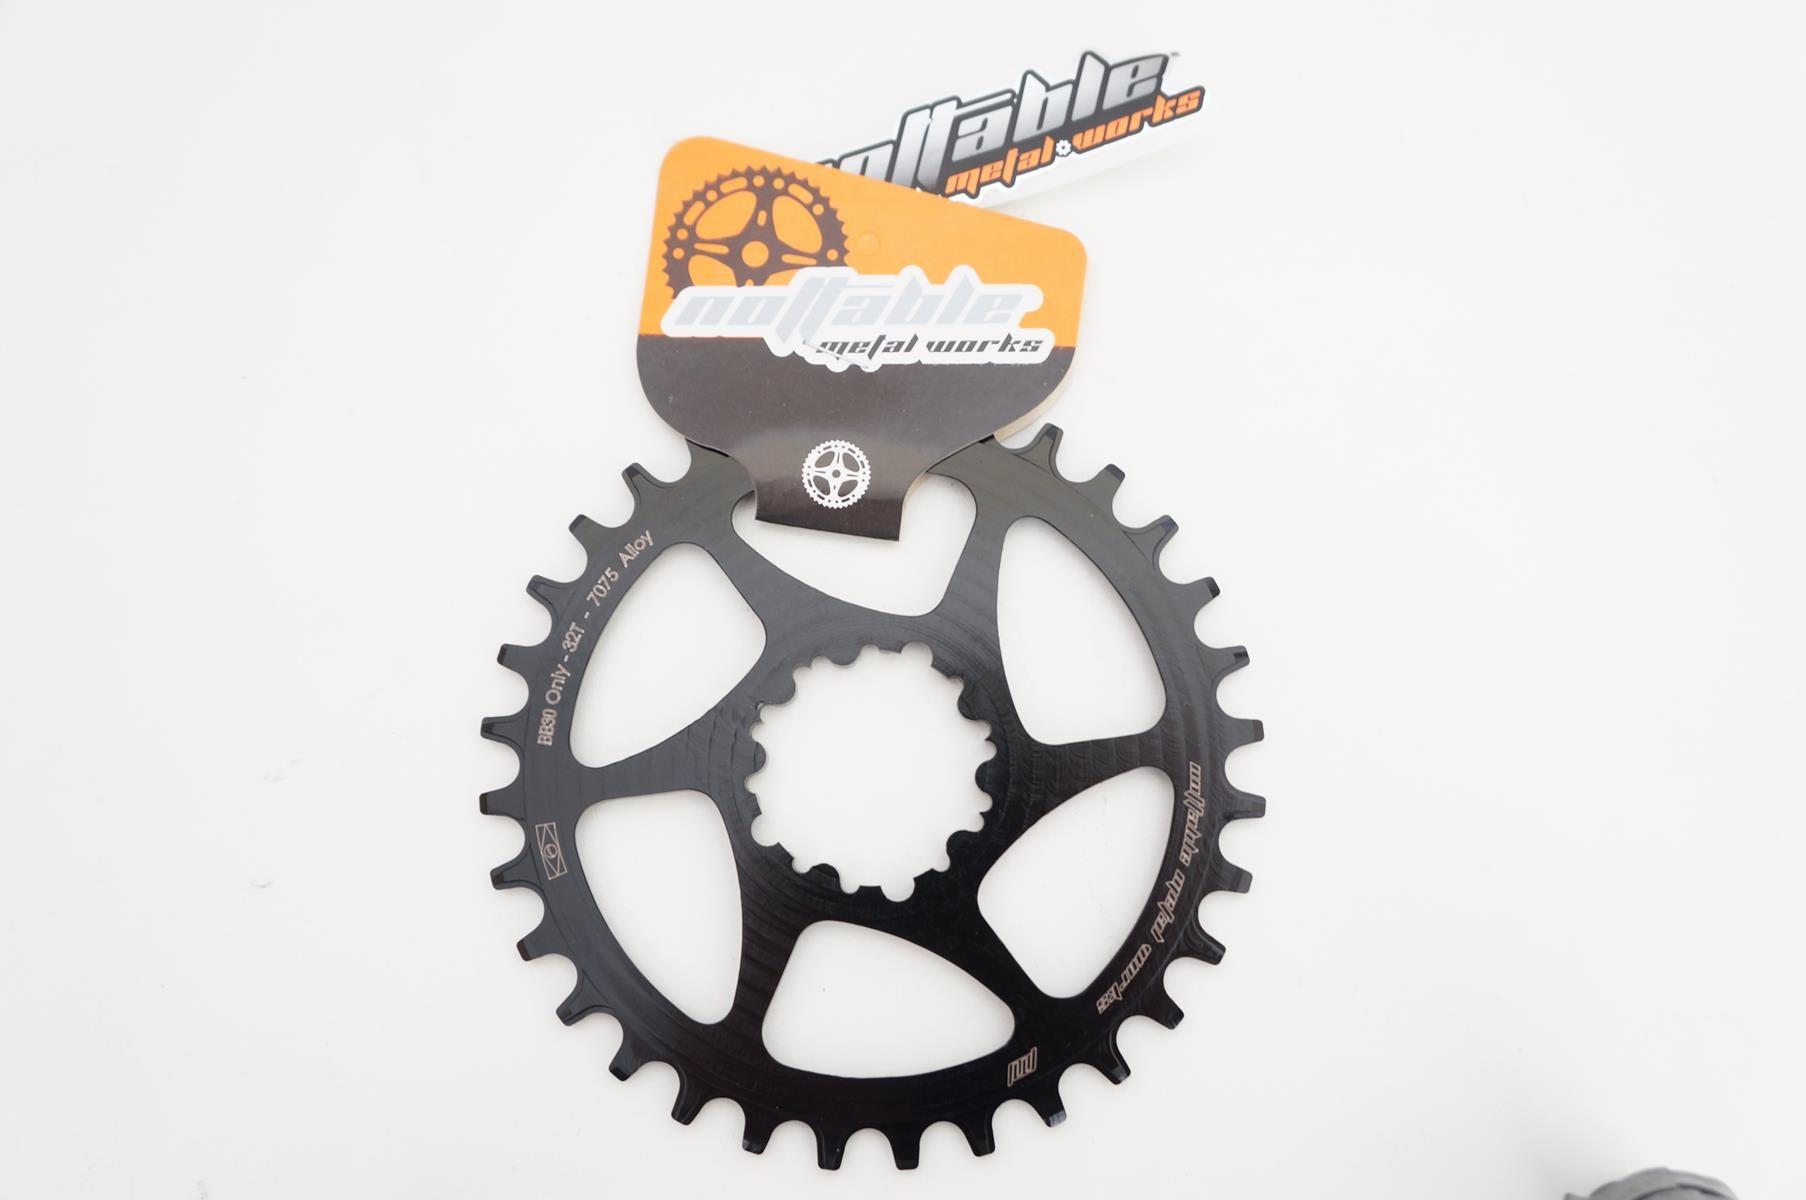 Coroa Bicicleta Nottable para Sram BB30 32t Direct Mount Para Uso 1x11